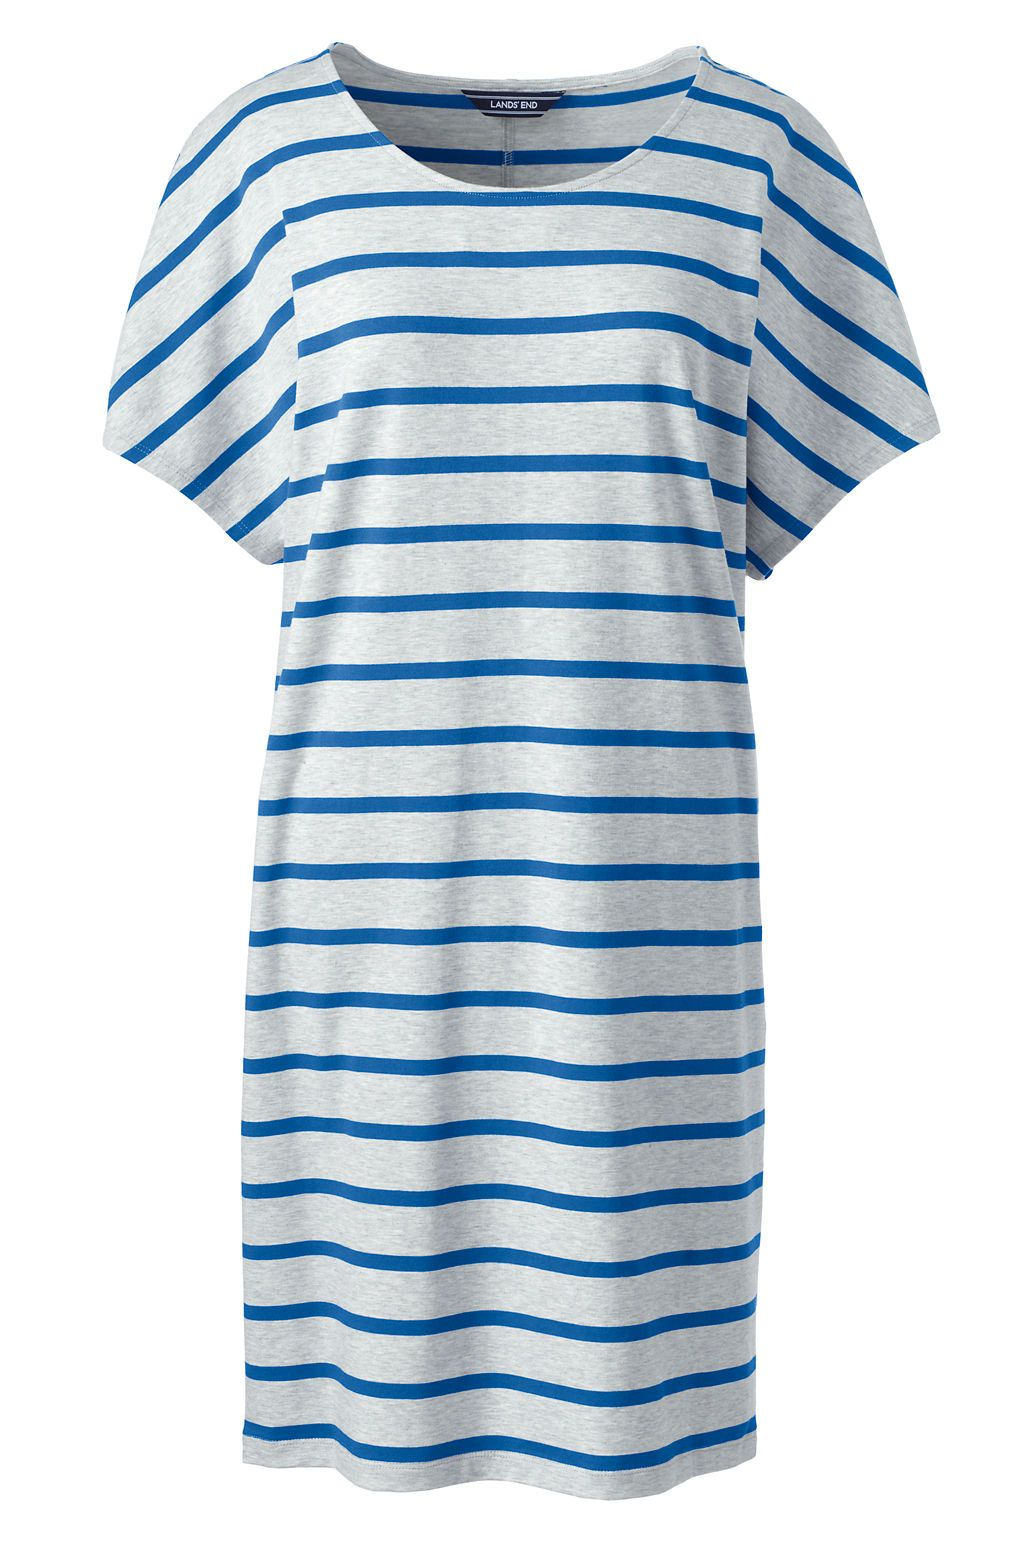 Womenus short sleeve knit tee shirt dress from landsu end plus